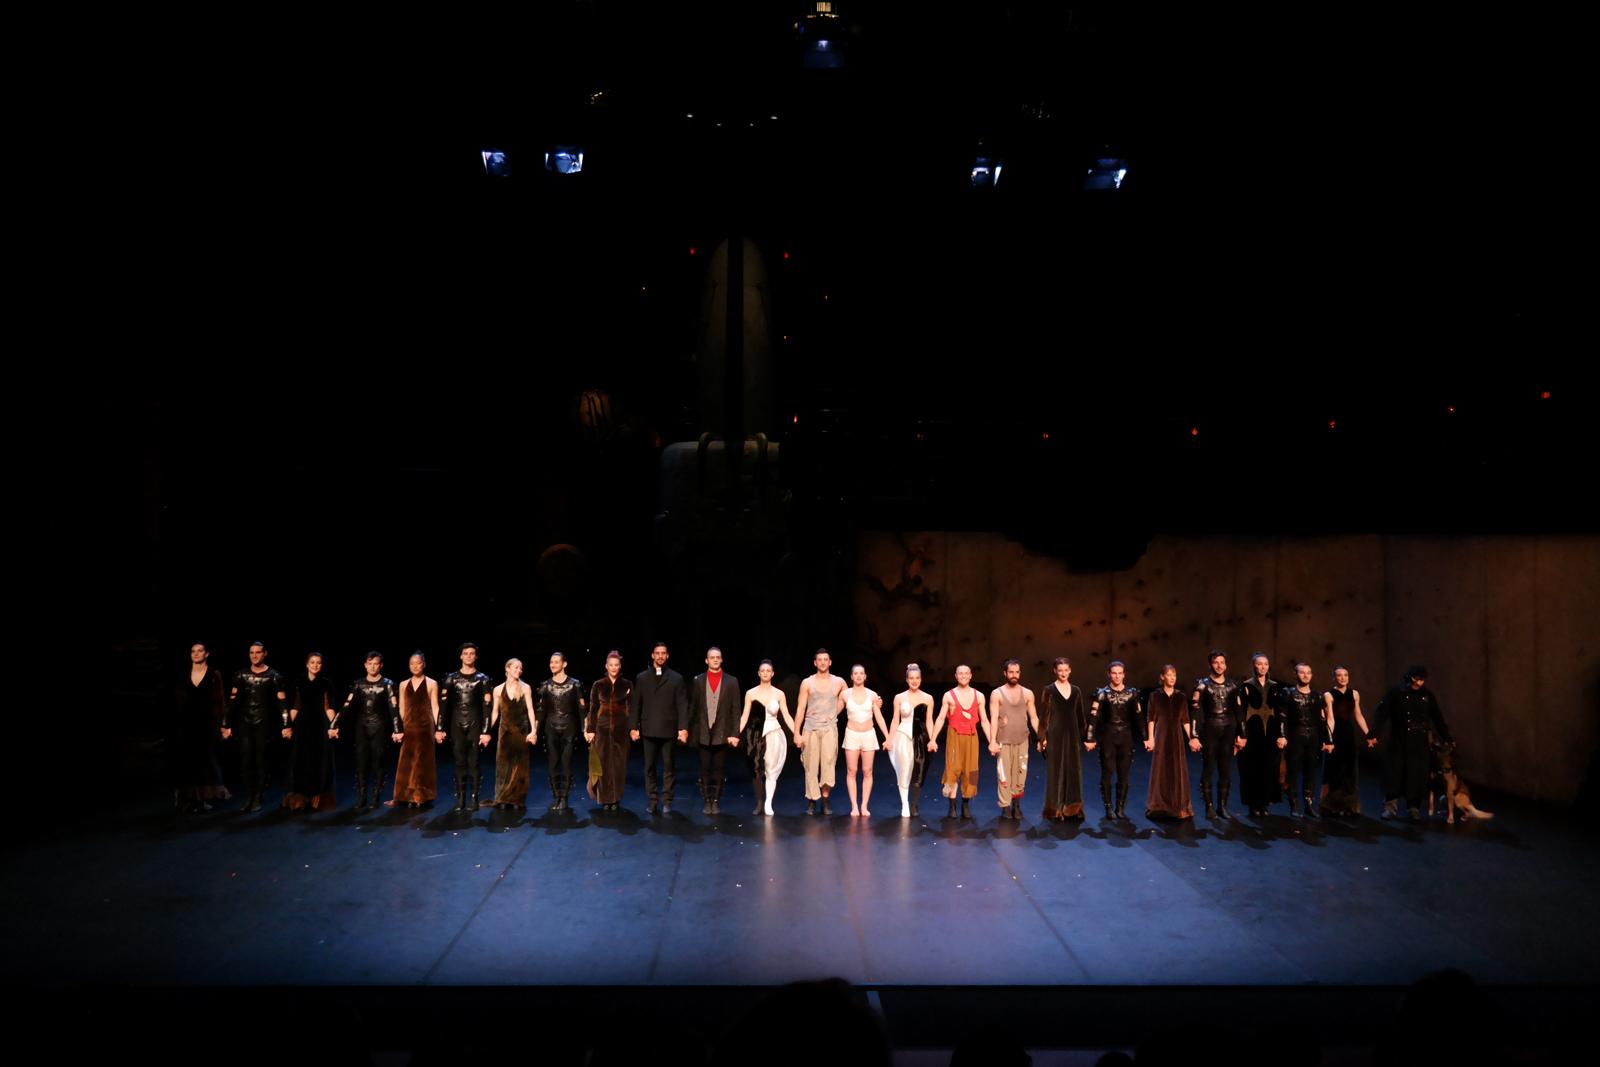 Roméo et Juliette par le Ballet Angelin Preljocaj création en 1996 salut des 23 danseurs festival Perspectives 2016 Sarrebruck Saarbrücken photo usofparis blog